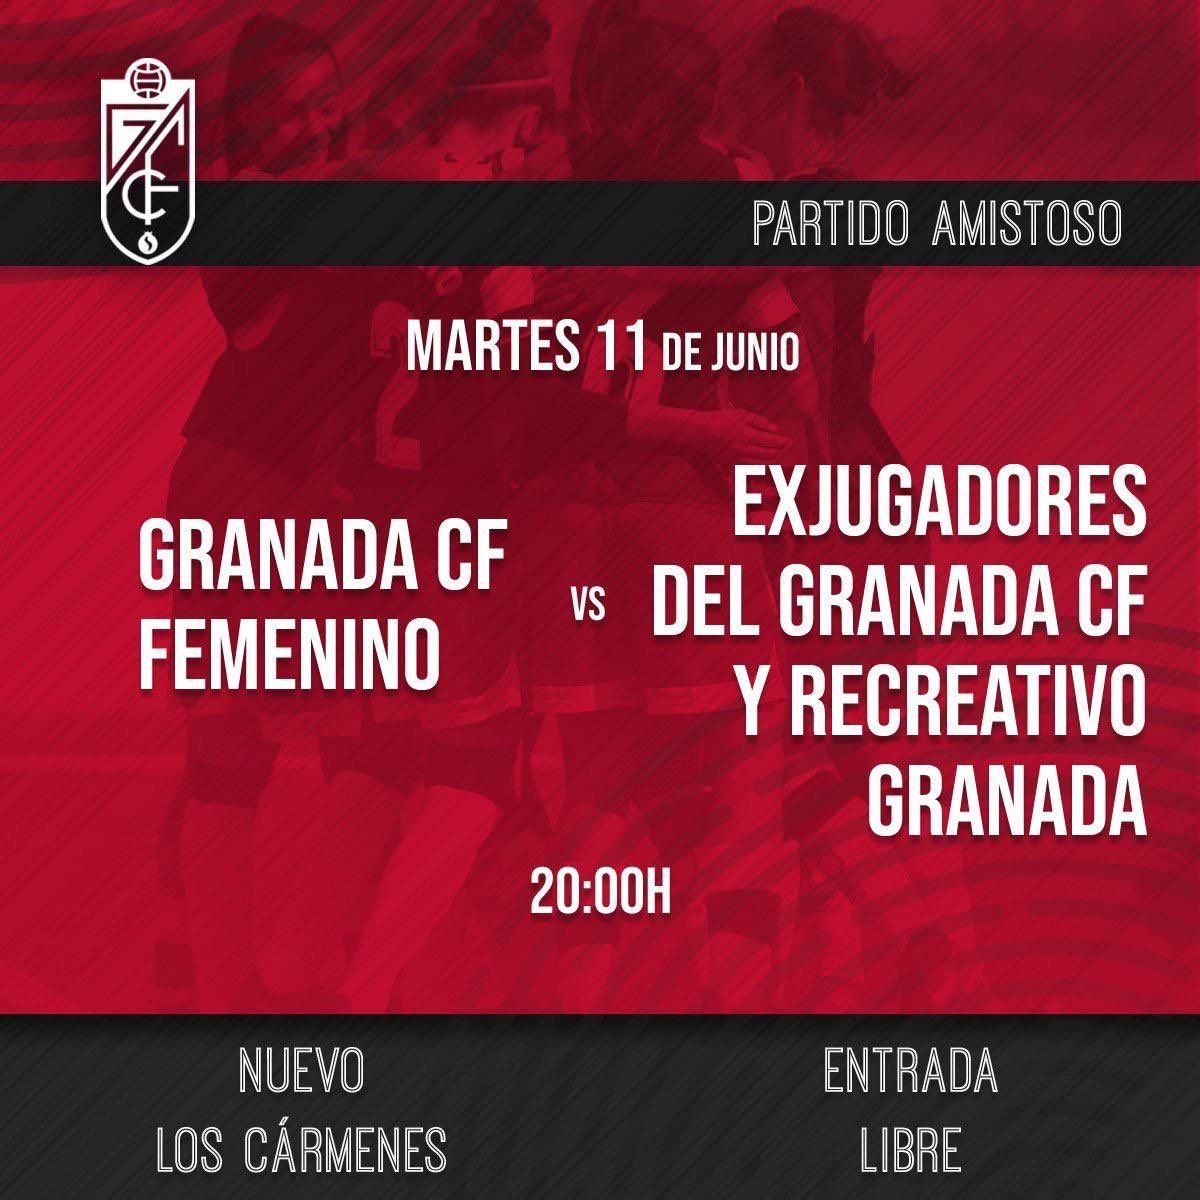 Partido de fútbol Granada CF Femenino vs Exjugadores del Granada CF y Recreativo Granada (Entrada gratis)